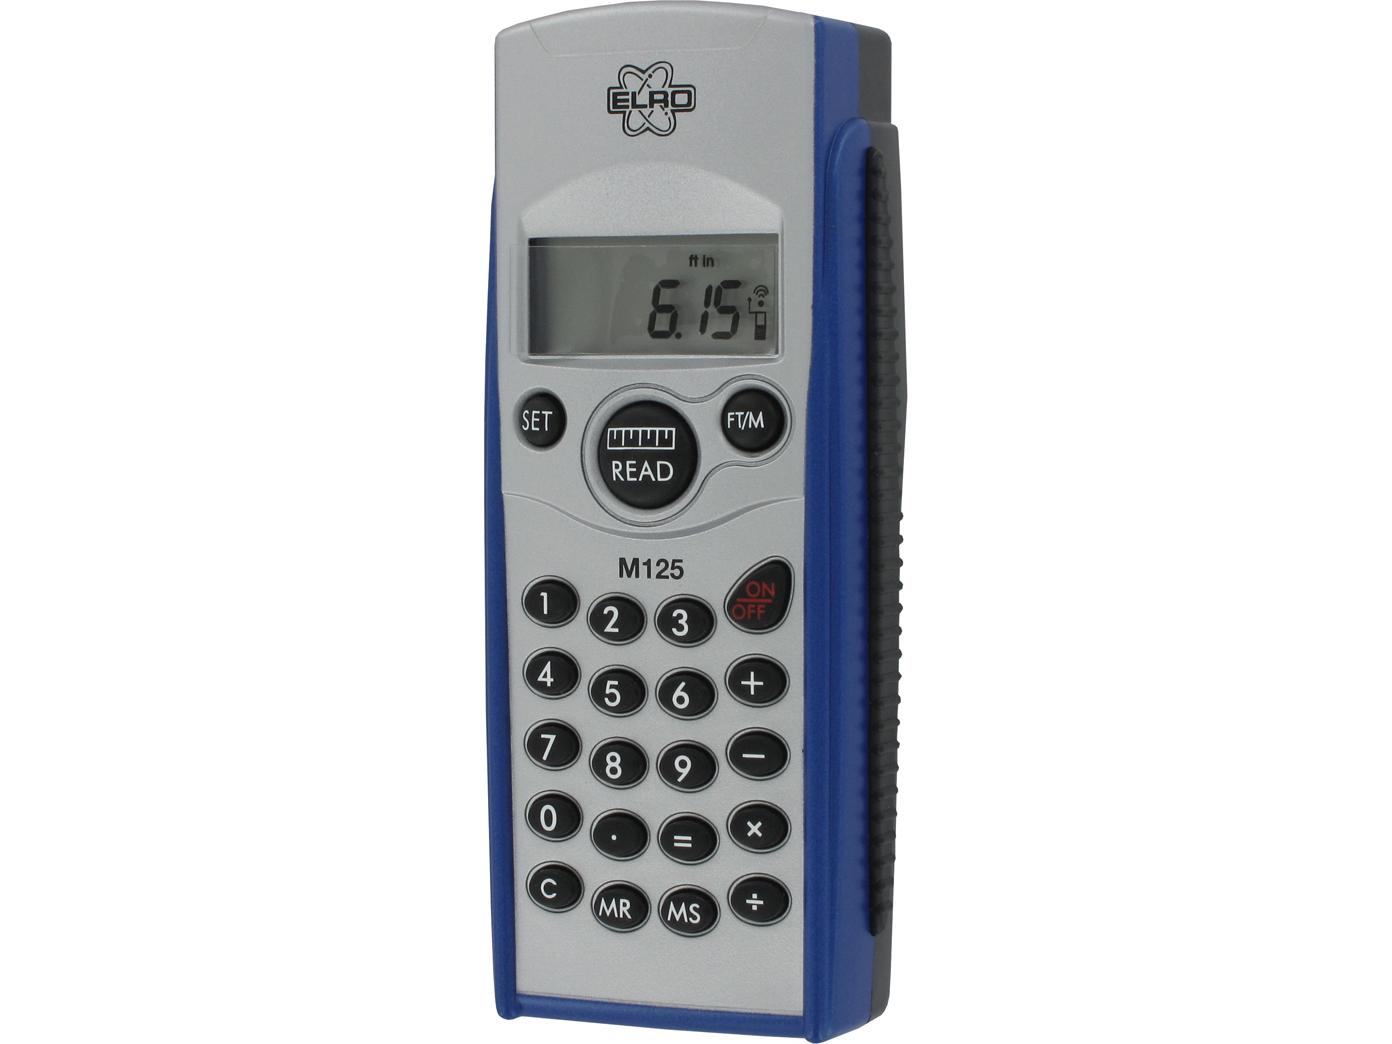 Laser entfernungsmesser bis m taschenrechner interner speicher